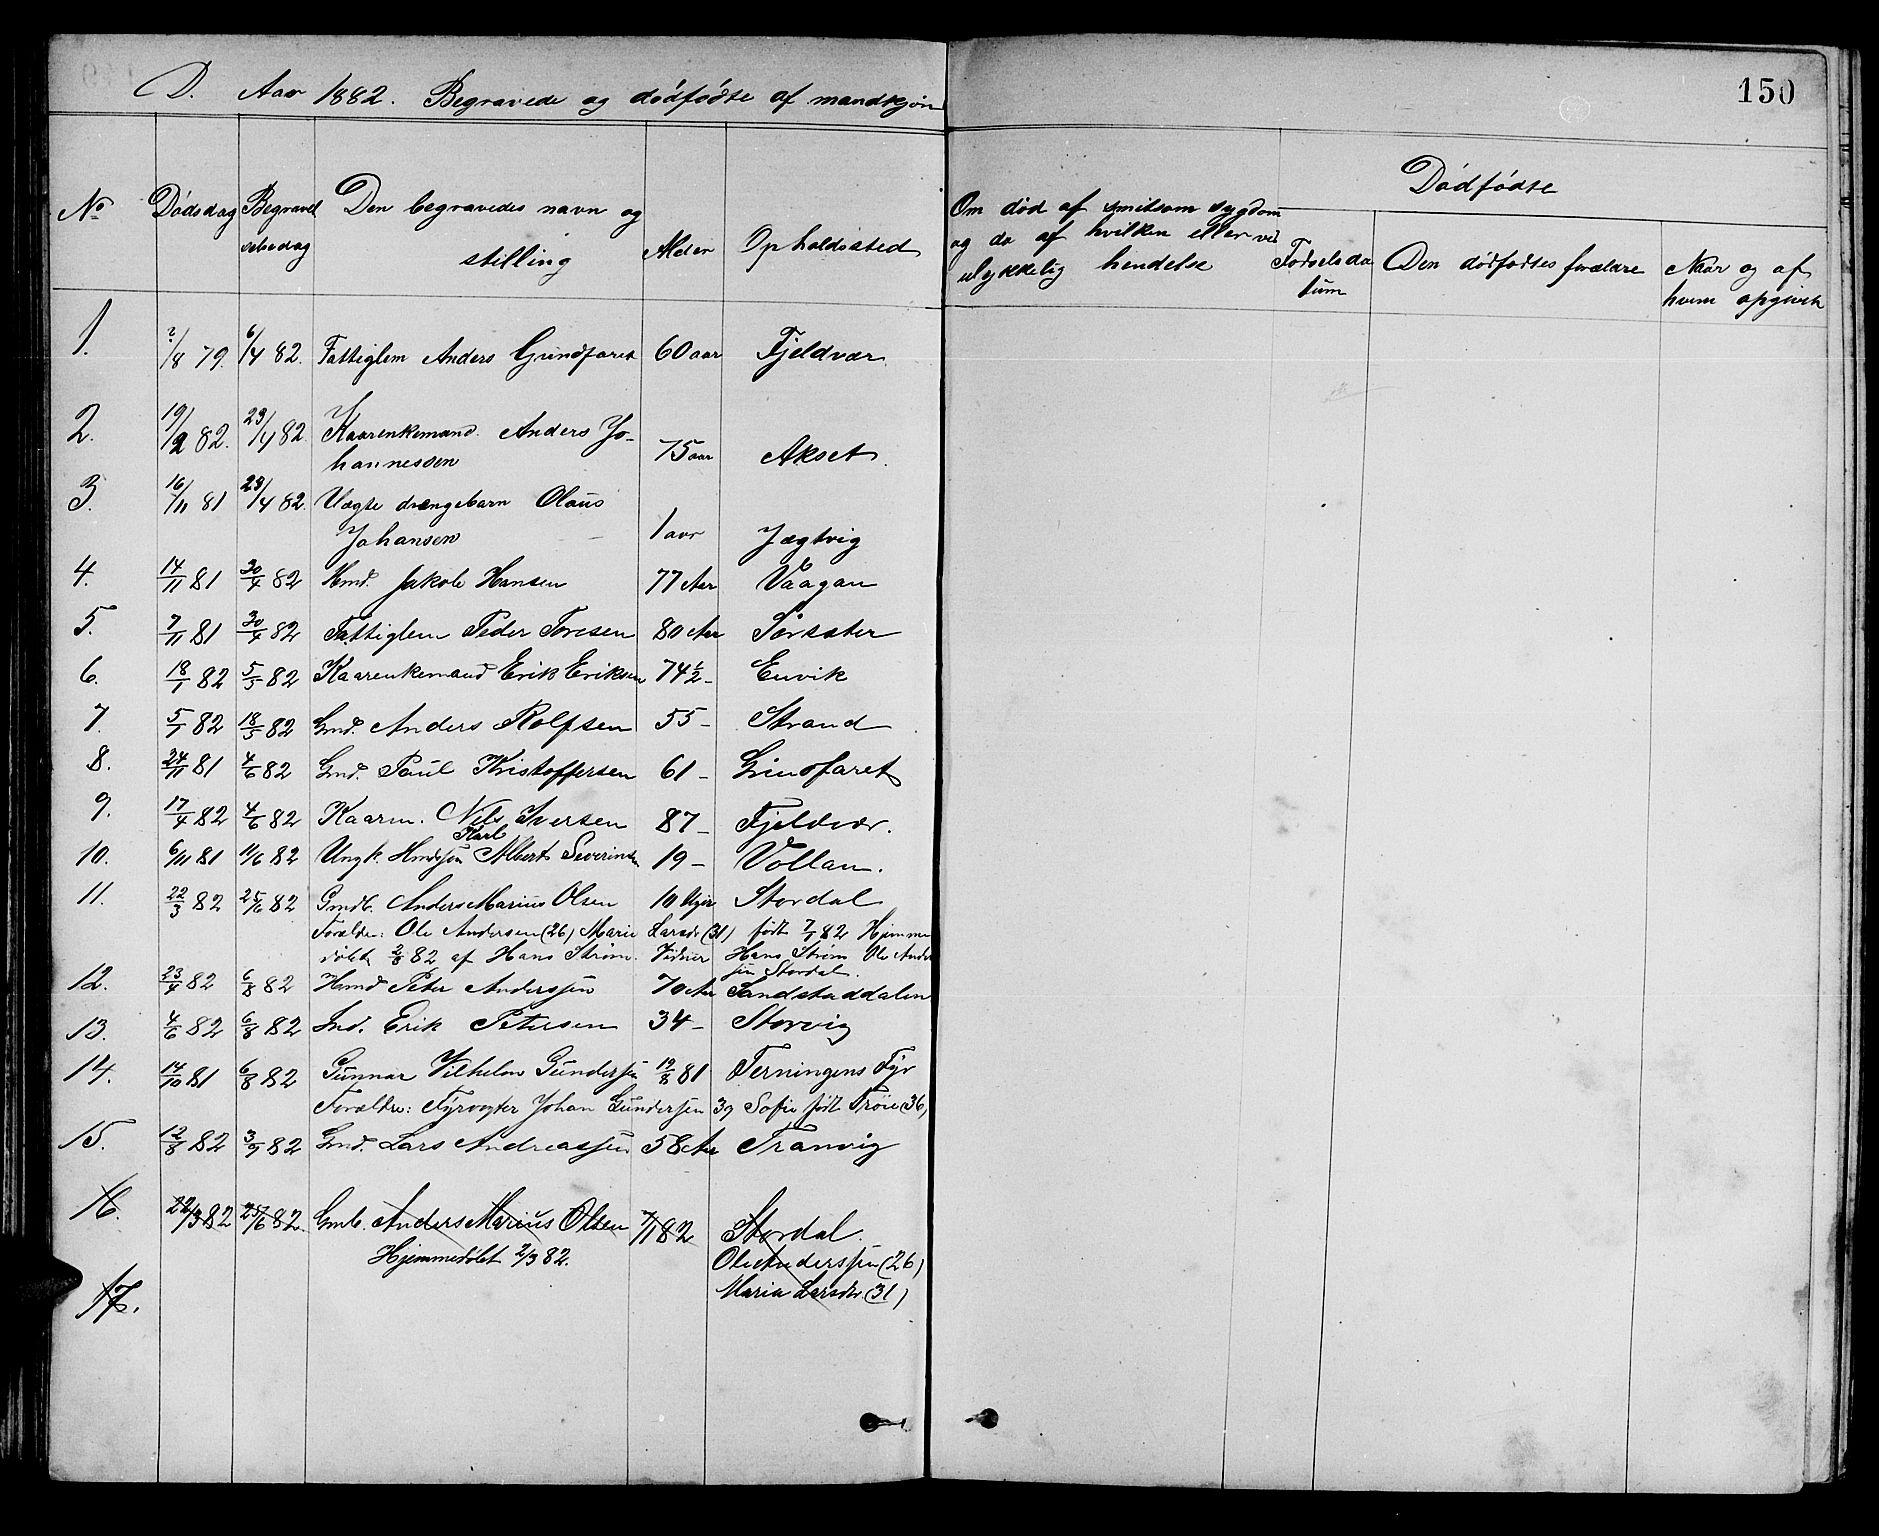 SAT, Ministerialprotokoller, klokkerbøker og fødselsregistre - Sør-Trøndelag, 637/L0561: Klokkerbok nr. 637C02, 1873-1882, s. 150